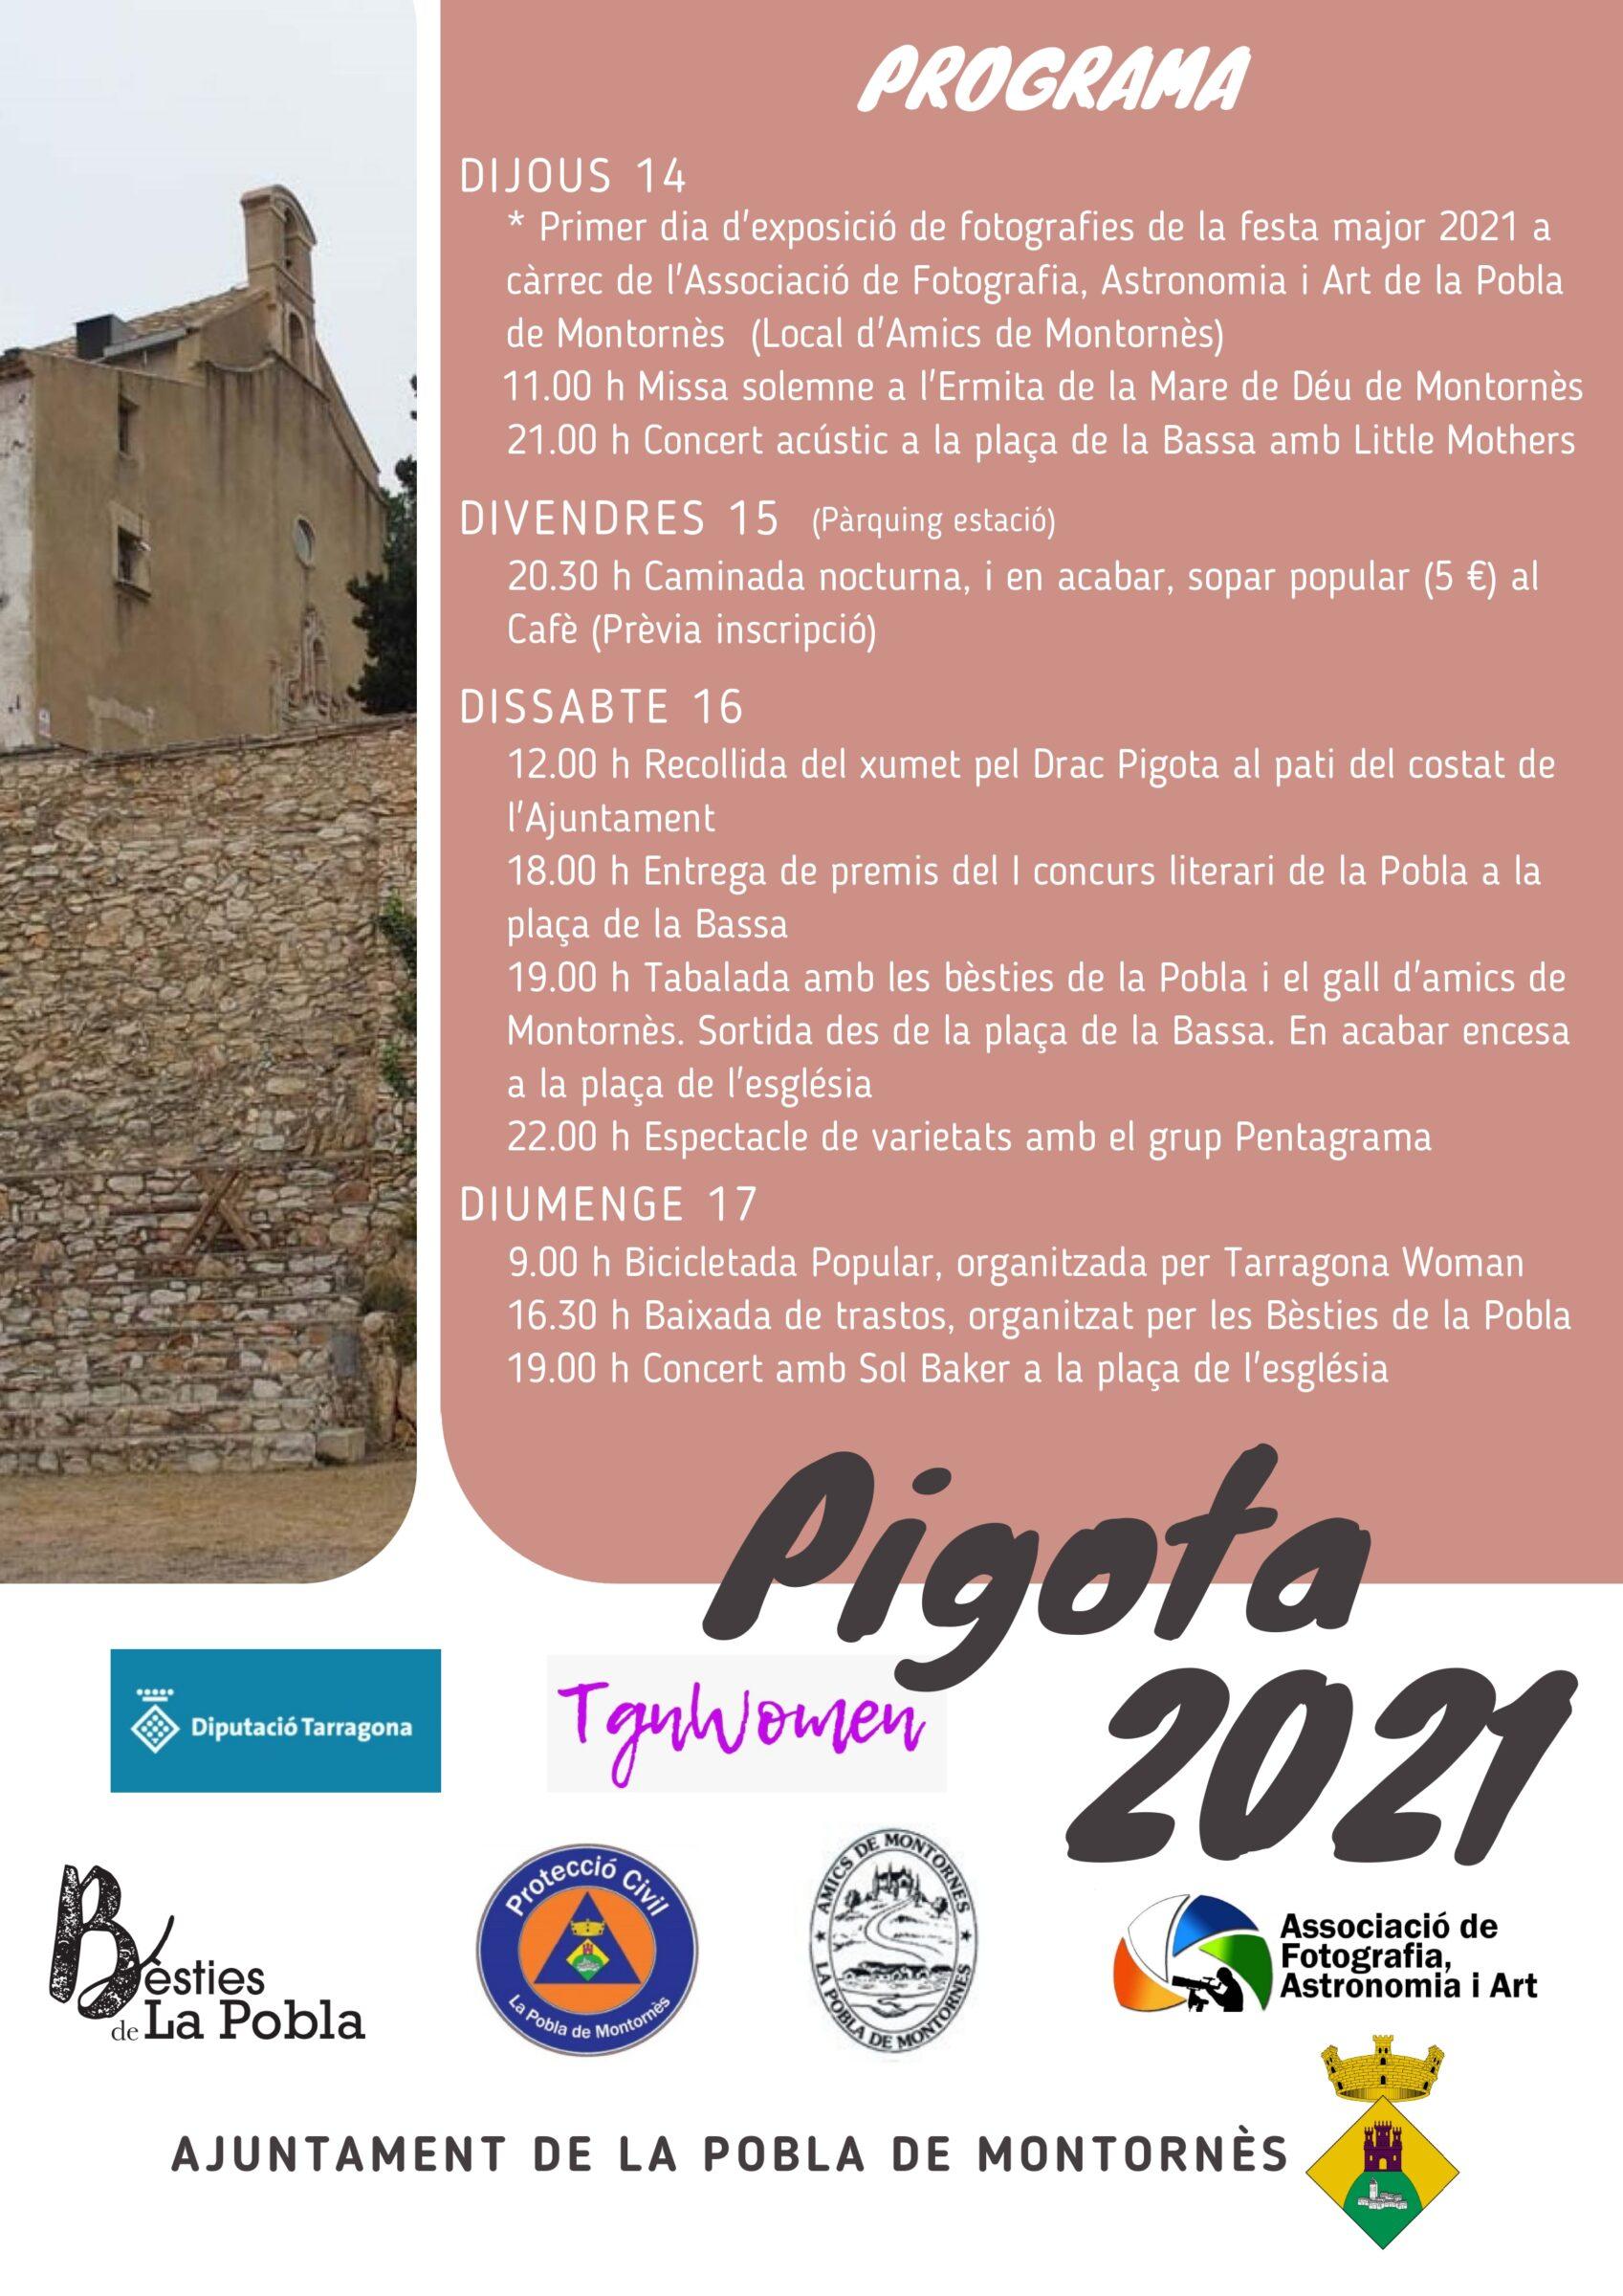 Programa de la Festa de la Pigota 2021